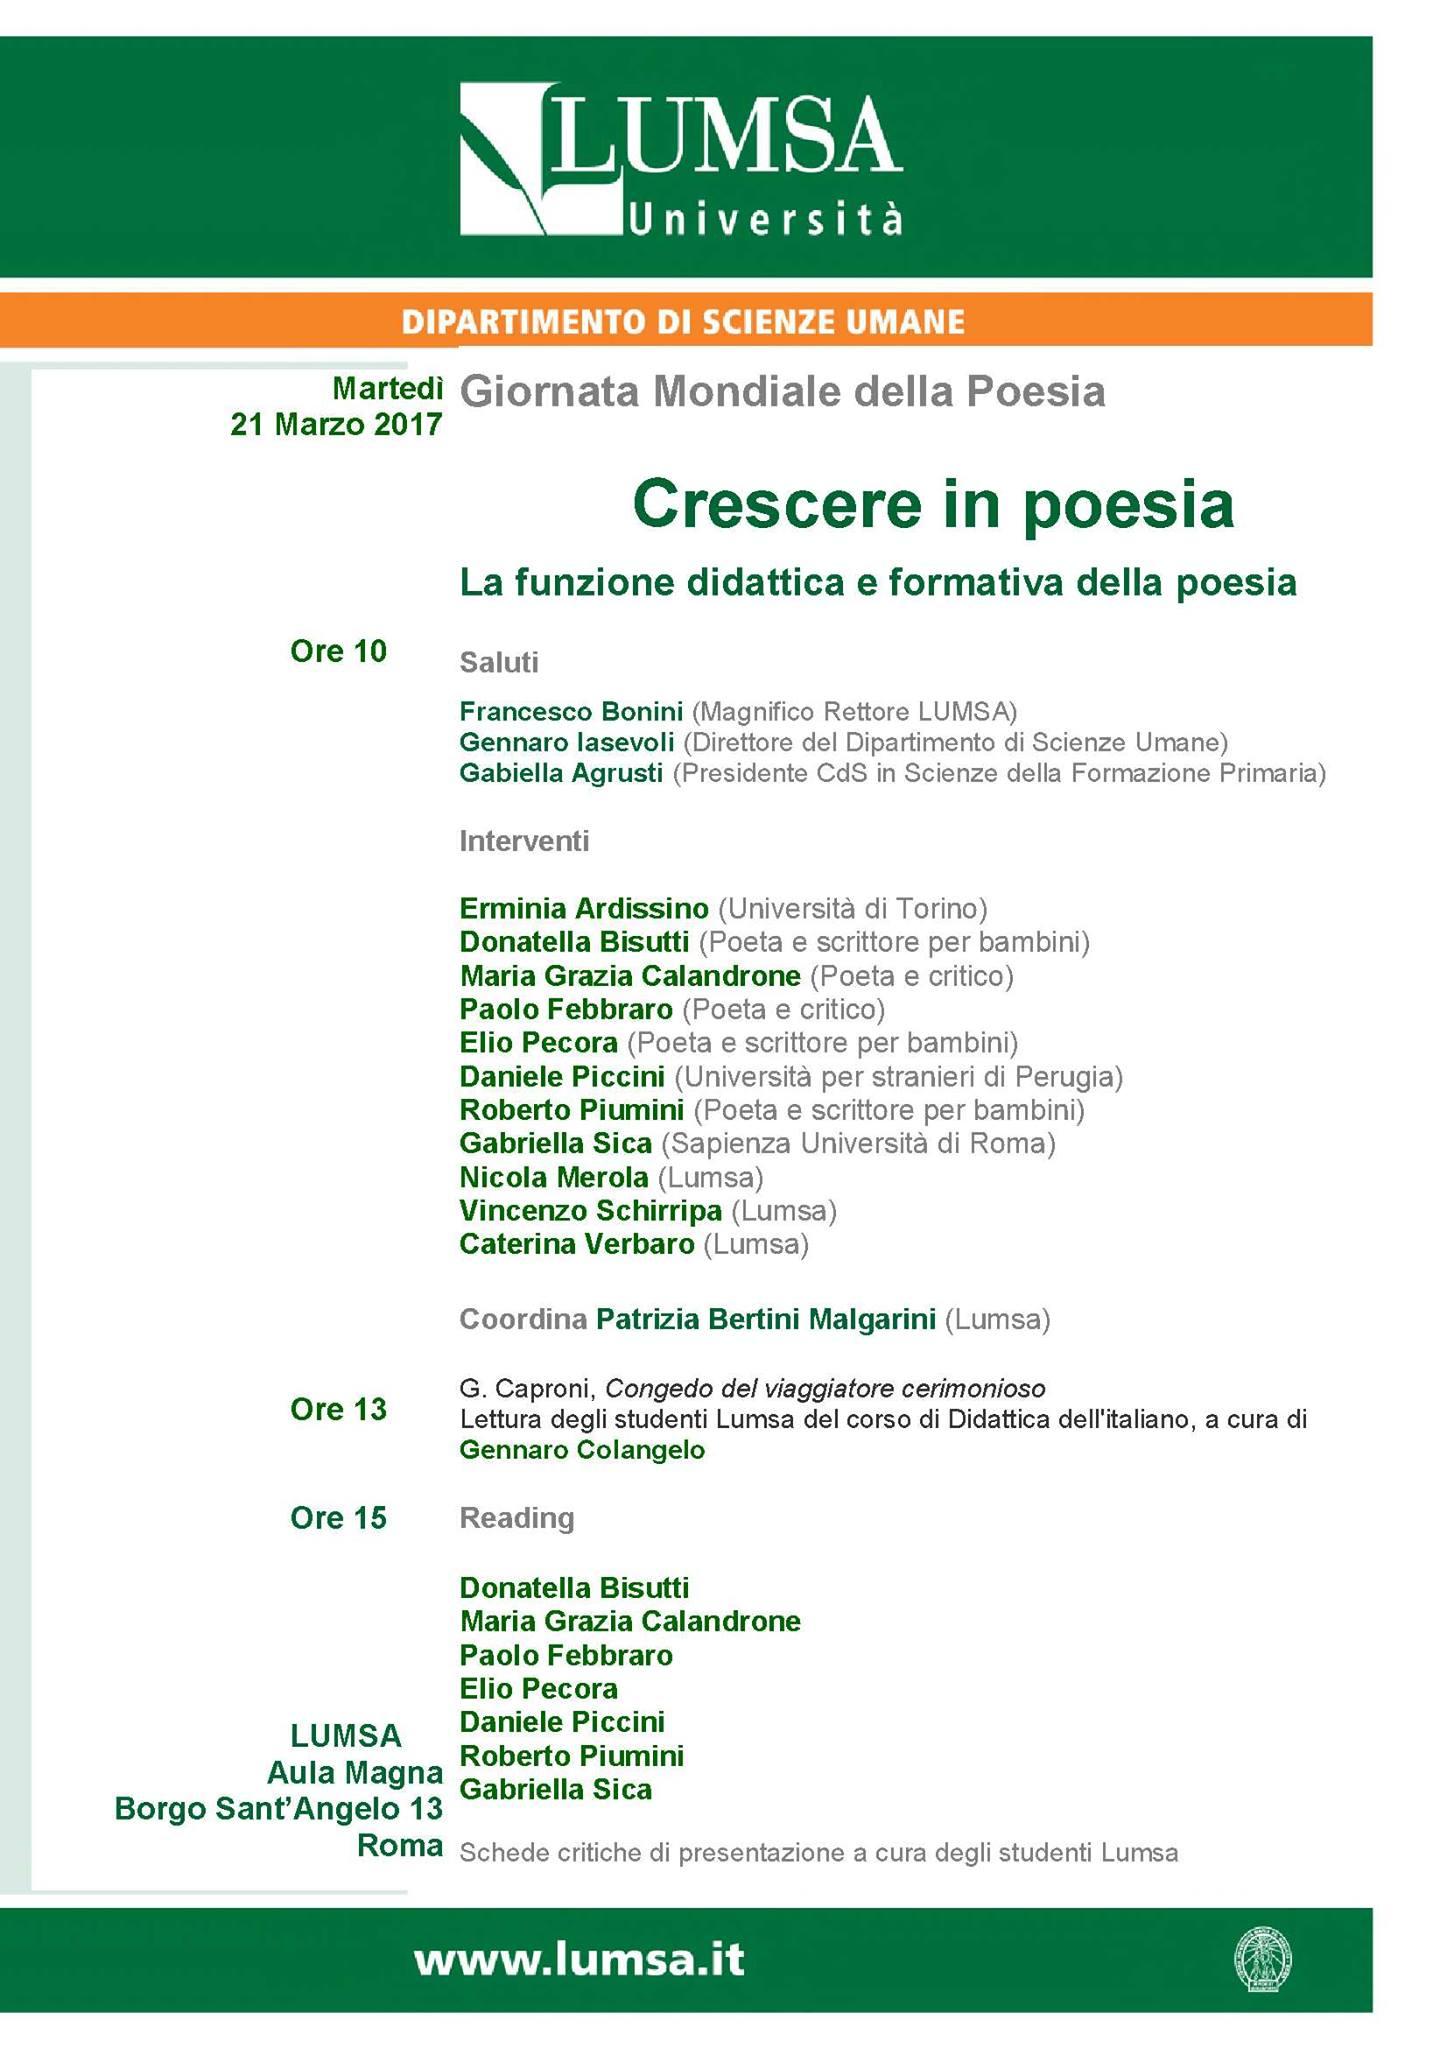 Crescere in poesia: la funzione didattica e formativa della poesia – Roma 21 marzo